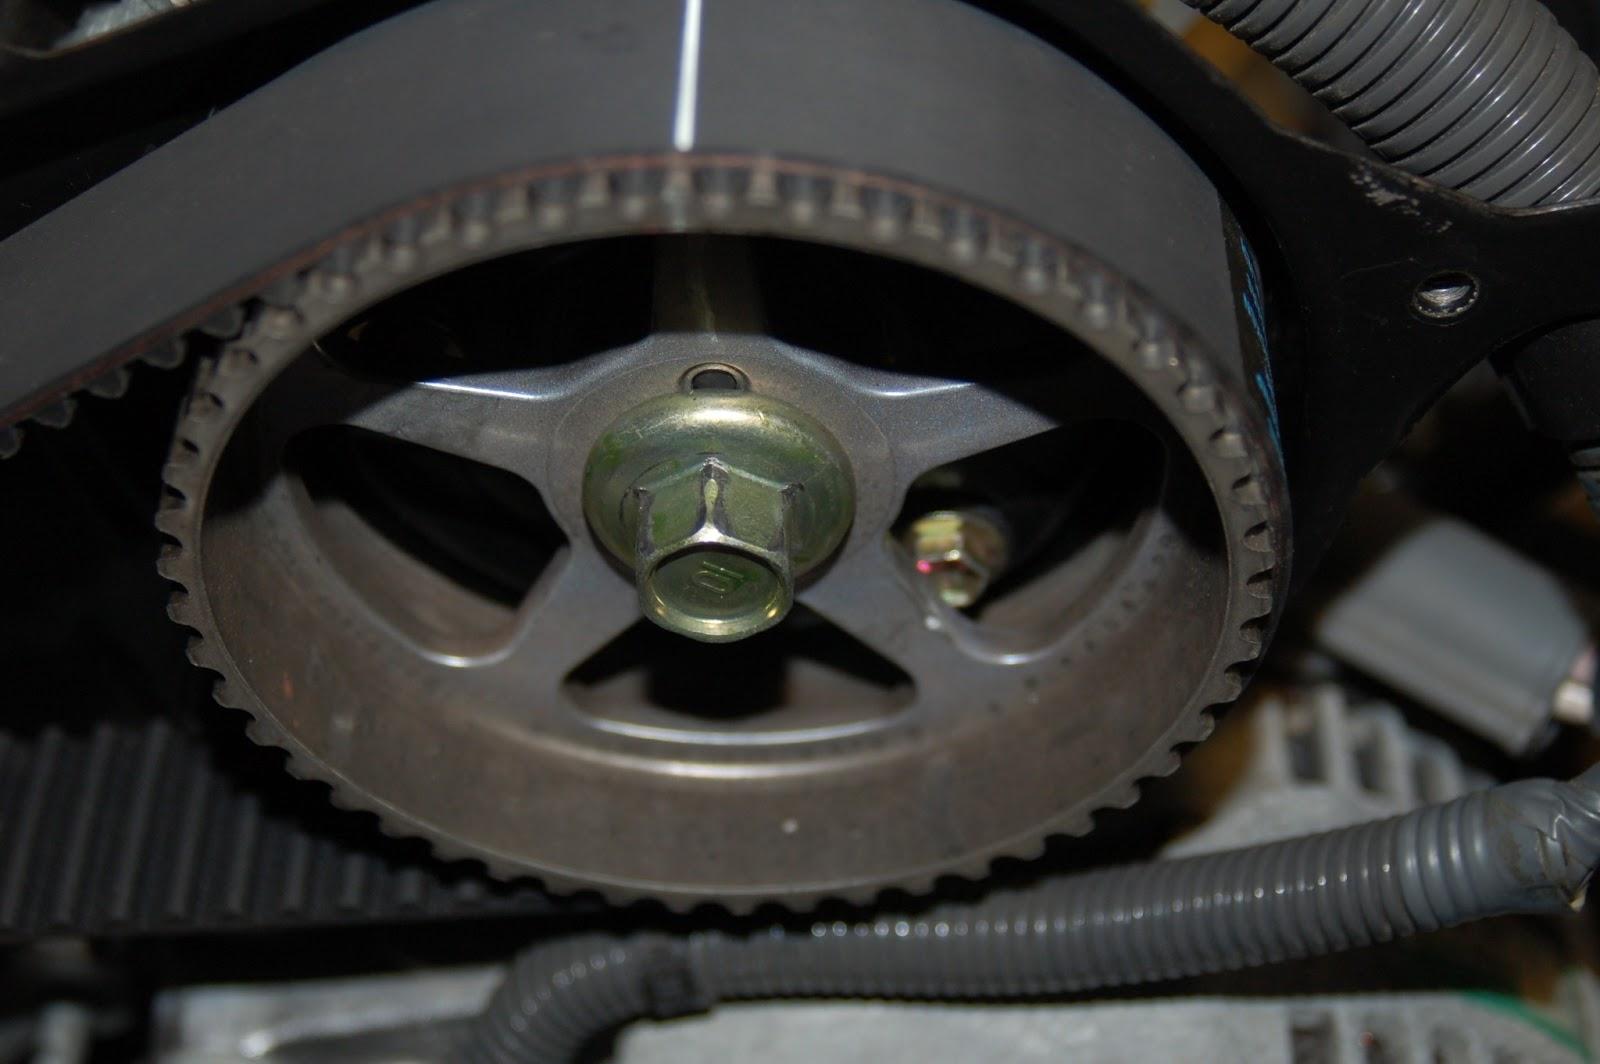 2006 sienna timing belt broke